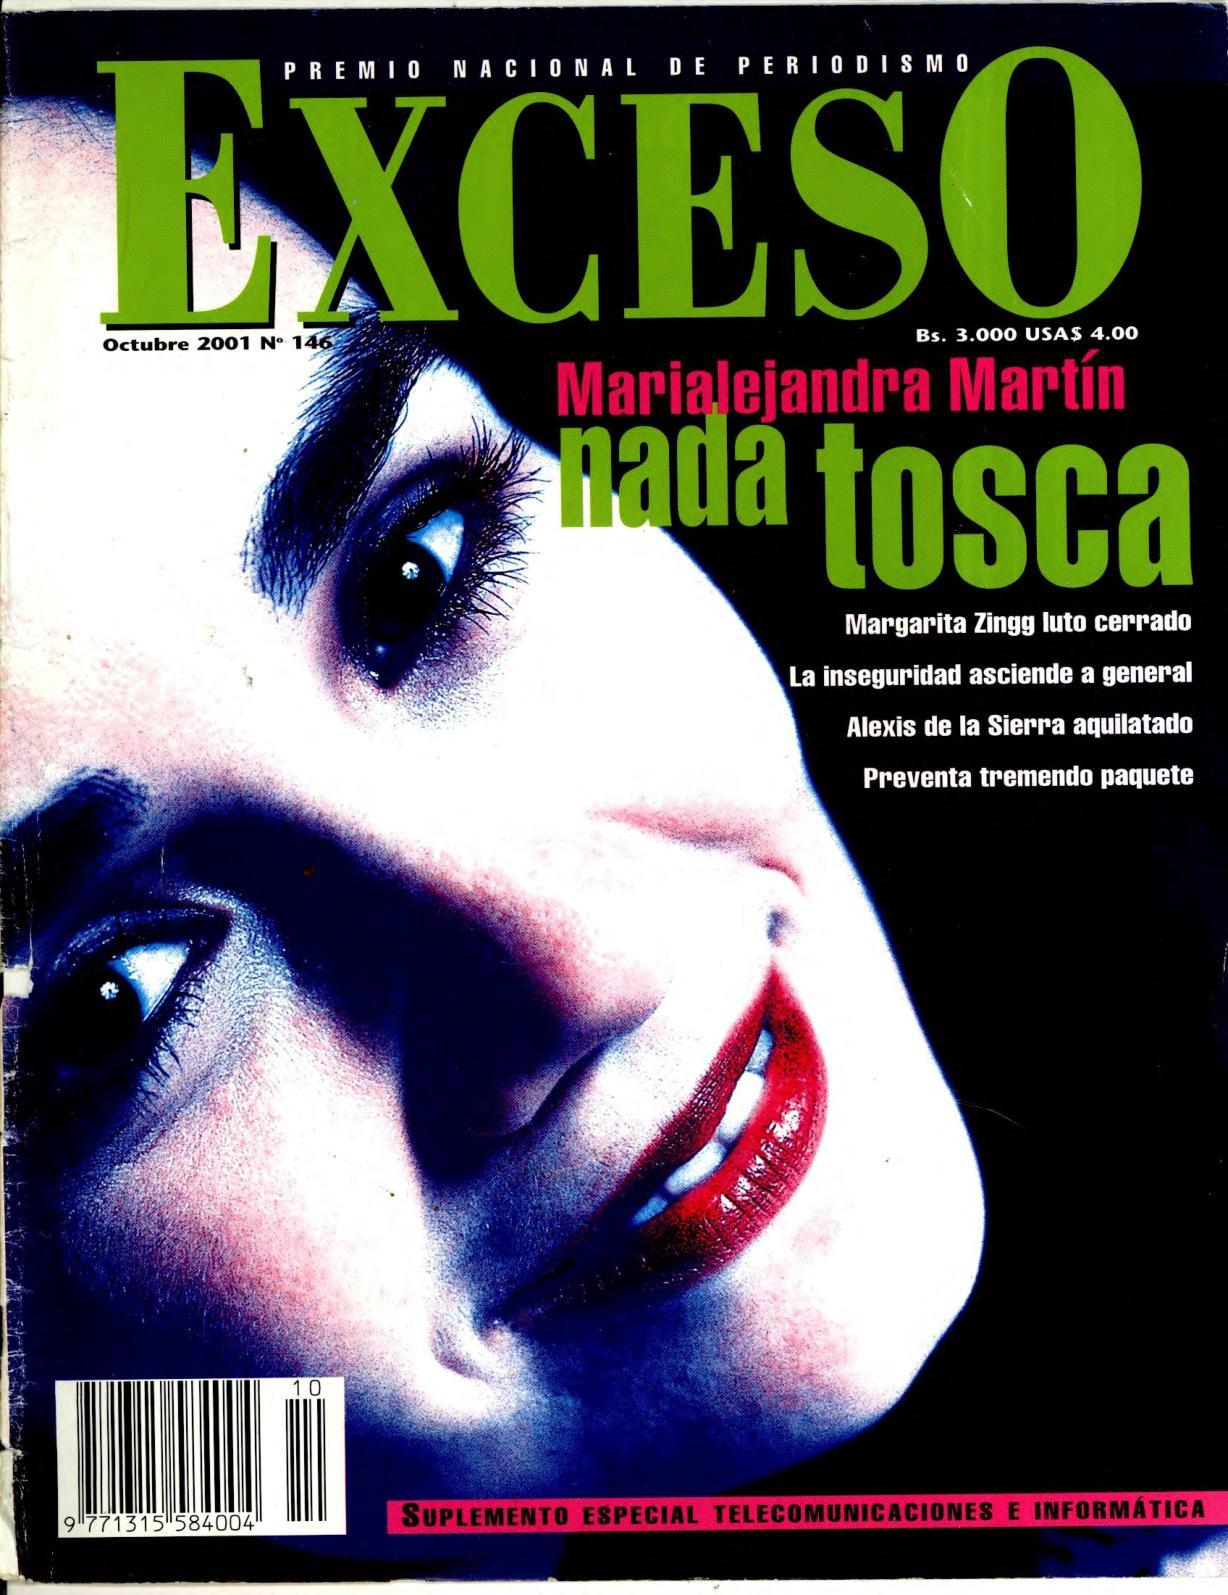 Calaméo Revista Exceso Edición Nº 146 Octubre 2001